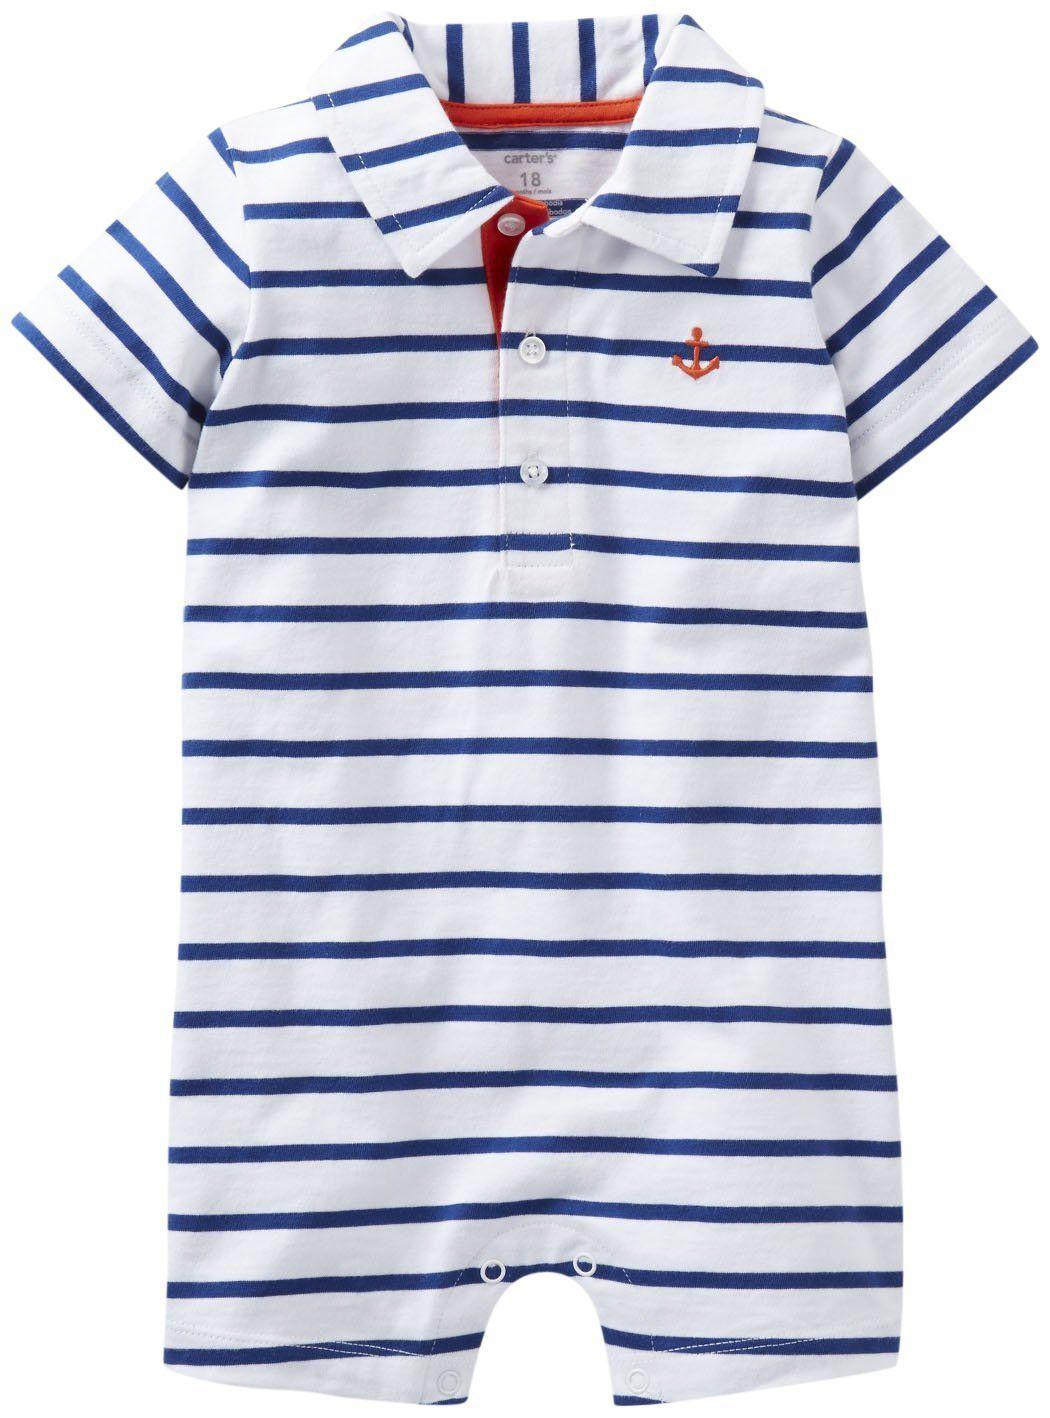 fc6a467a0 Amazon.com Polo Shirts